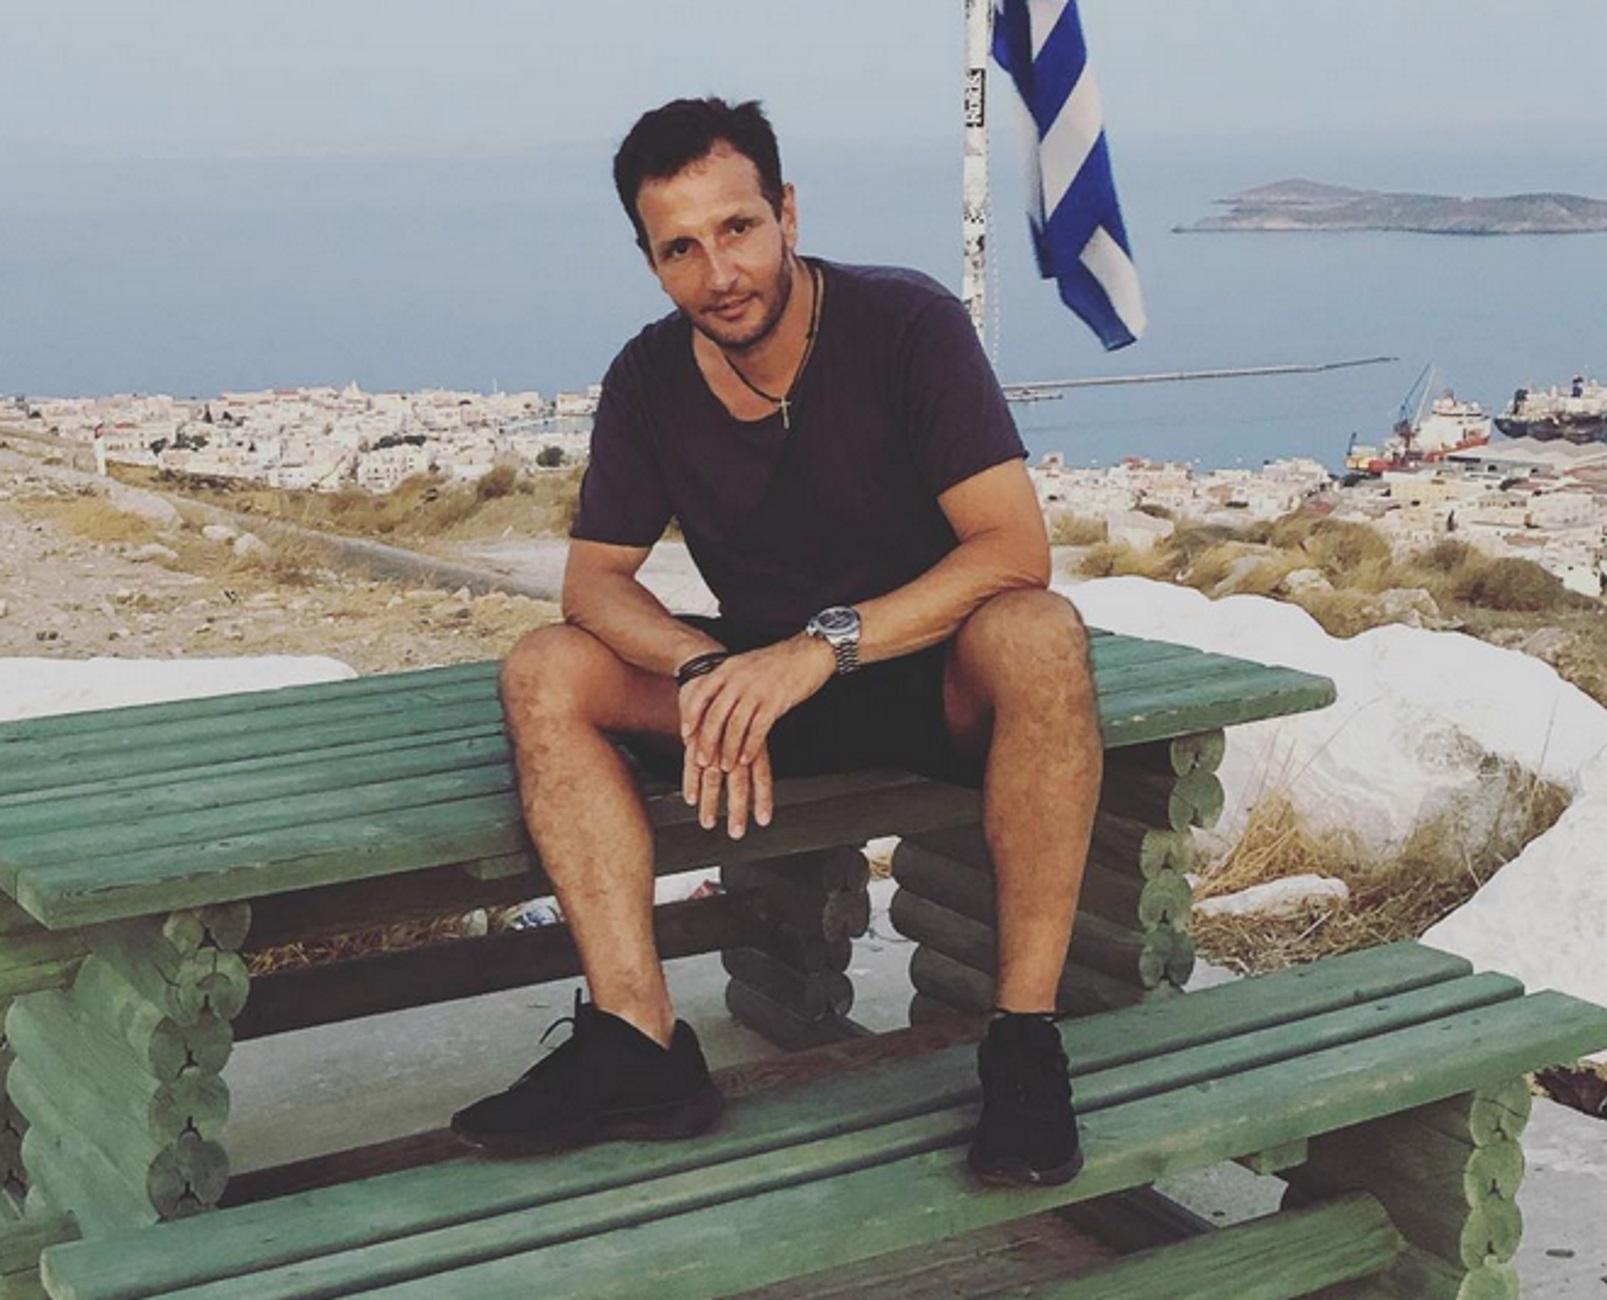 Δημήτρης Μπάσης: Διαφημίζει τη Σύρο μέσα από τις αναρτήσεις των καλοκαιριών του διακοπών